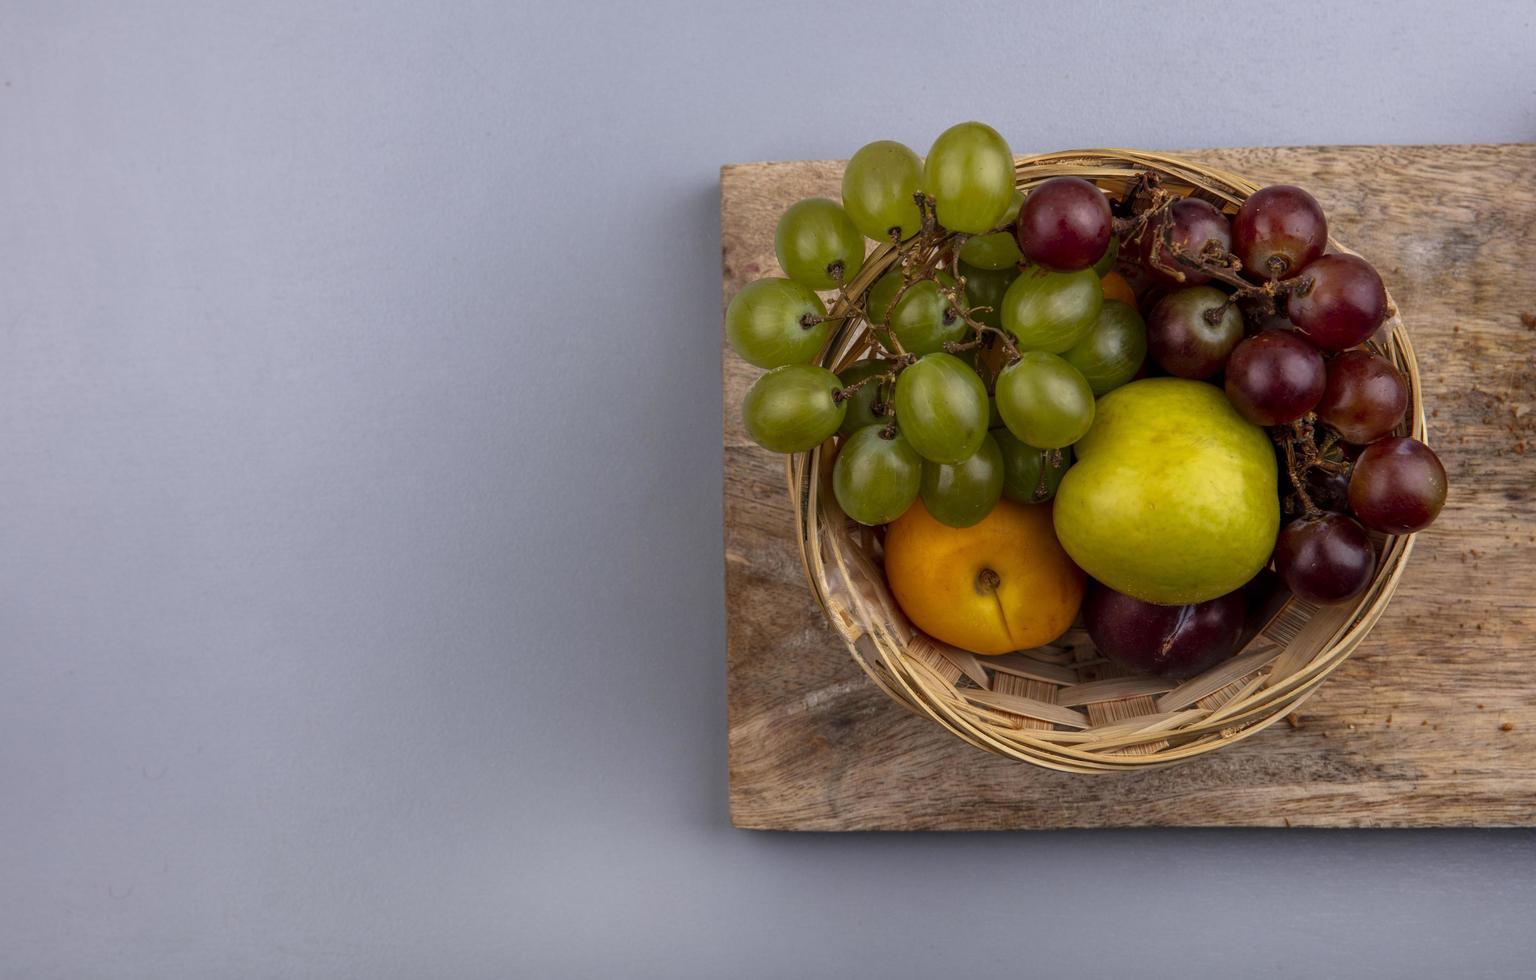 Surtido de frutas en una canasta sobre fondo neutro foto